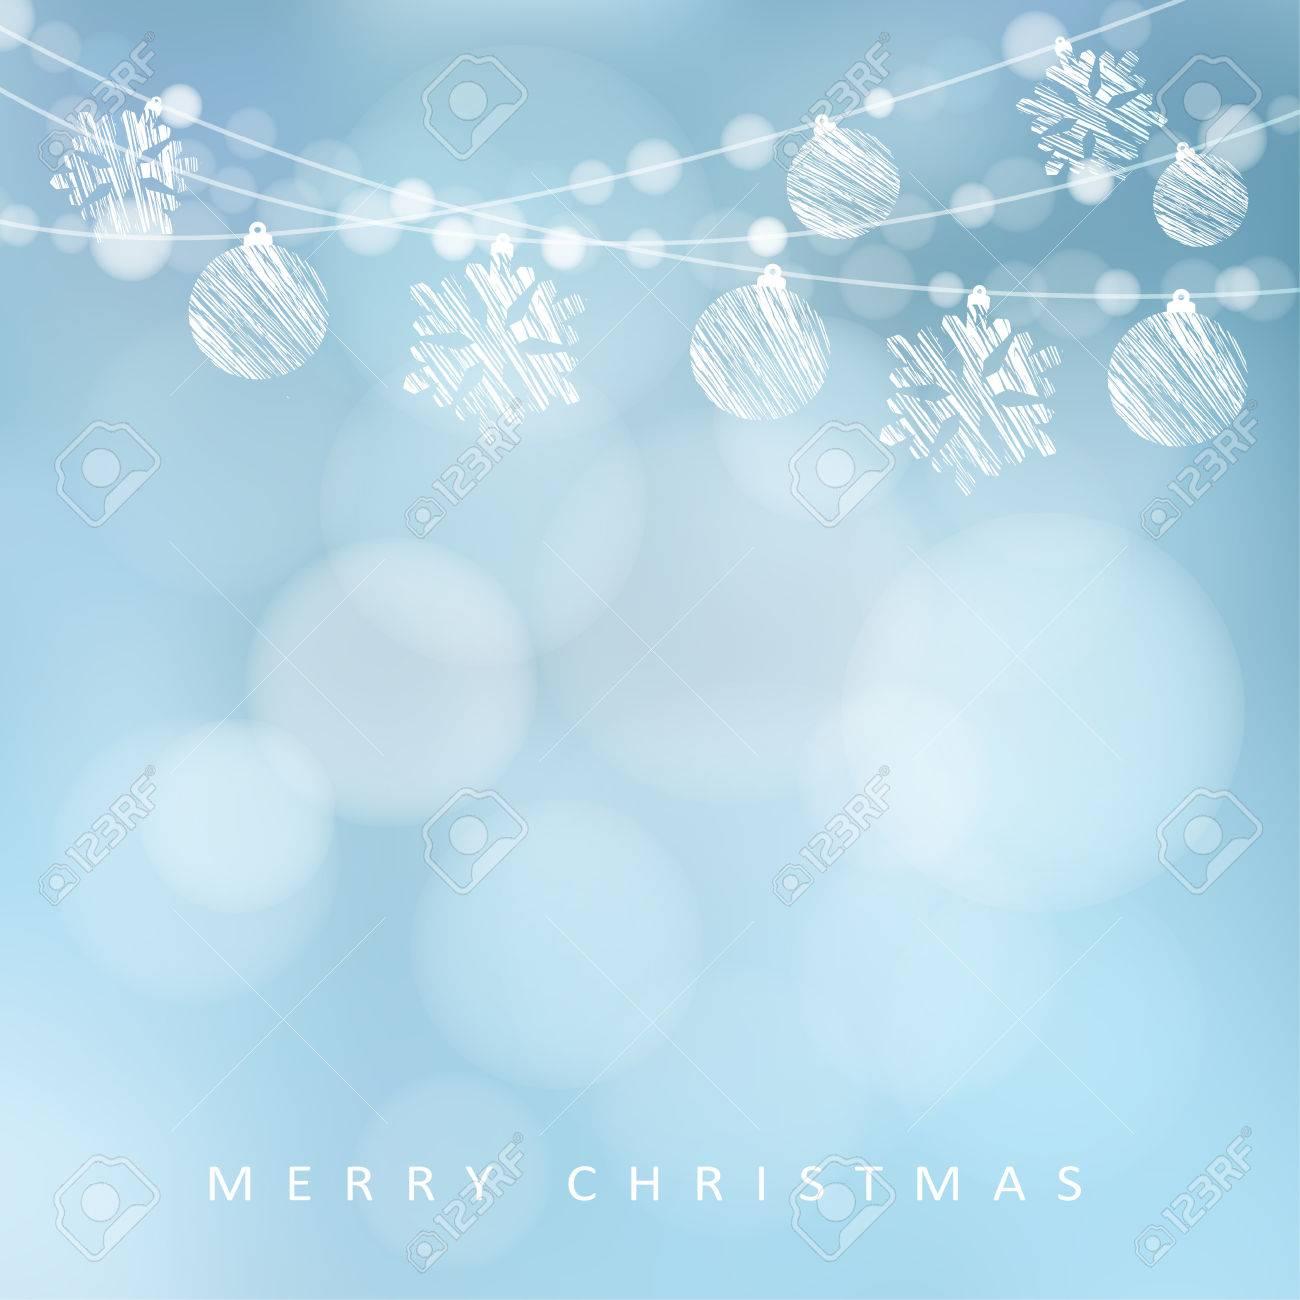 クリスマス ライト、クリスマス ボールや雪、ベクトル イラスト背景の